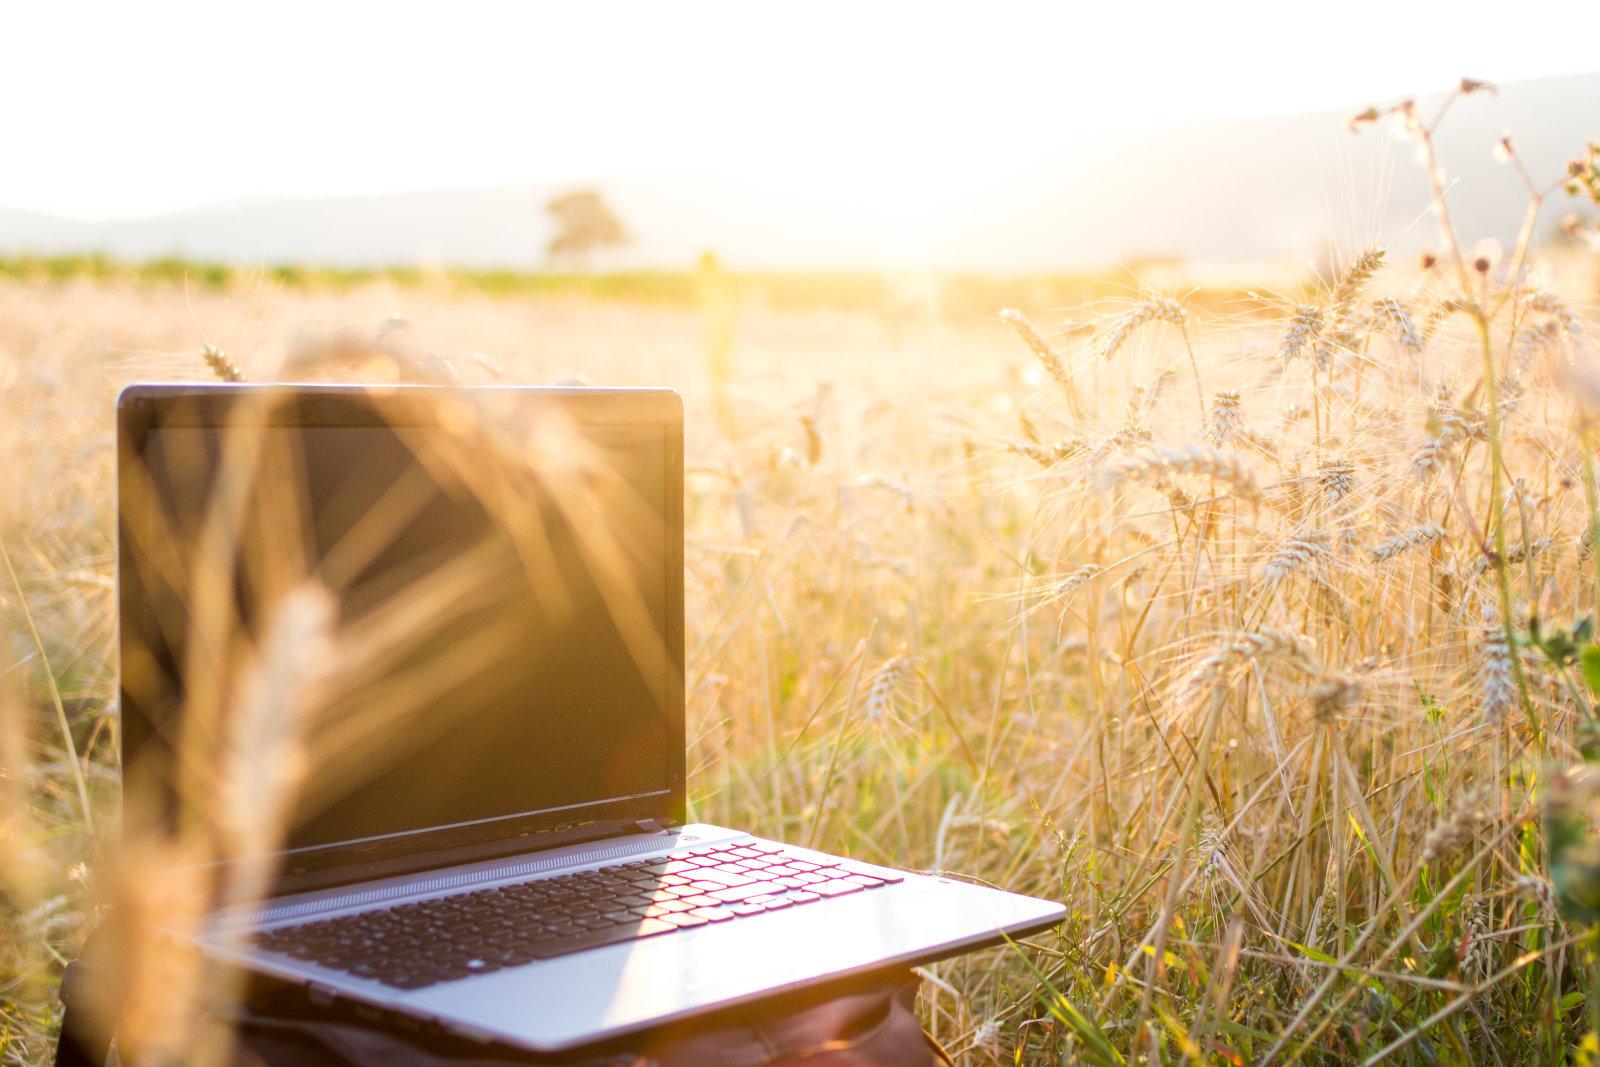 интернет в сельской местности / rural broadband internet